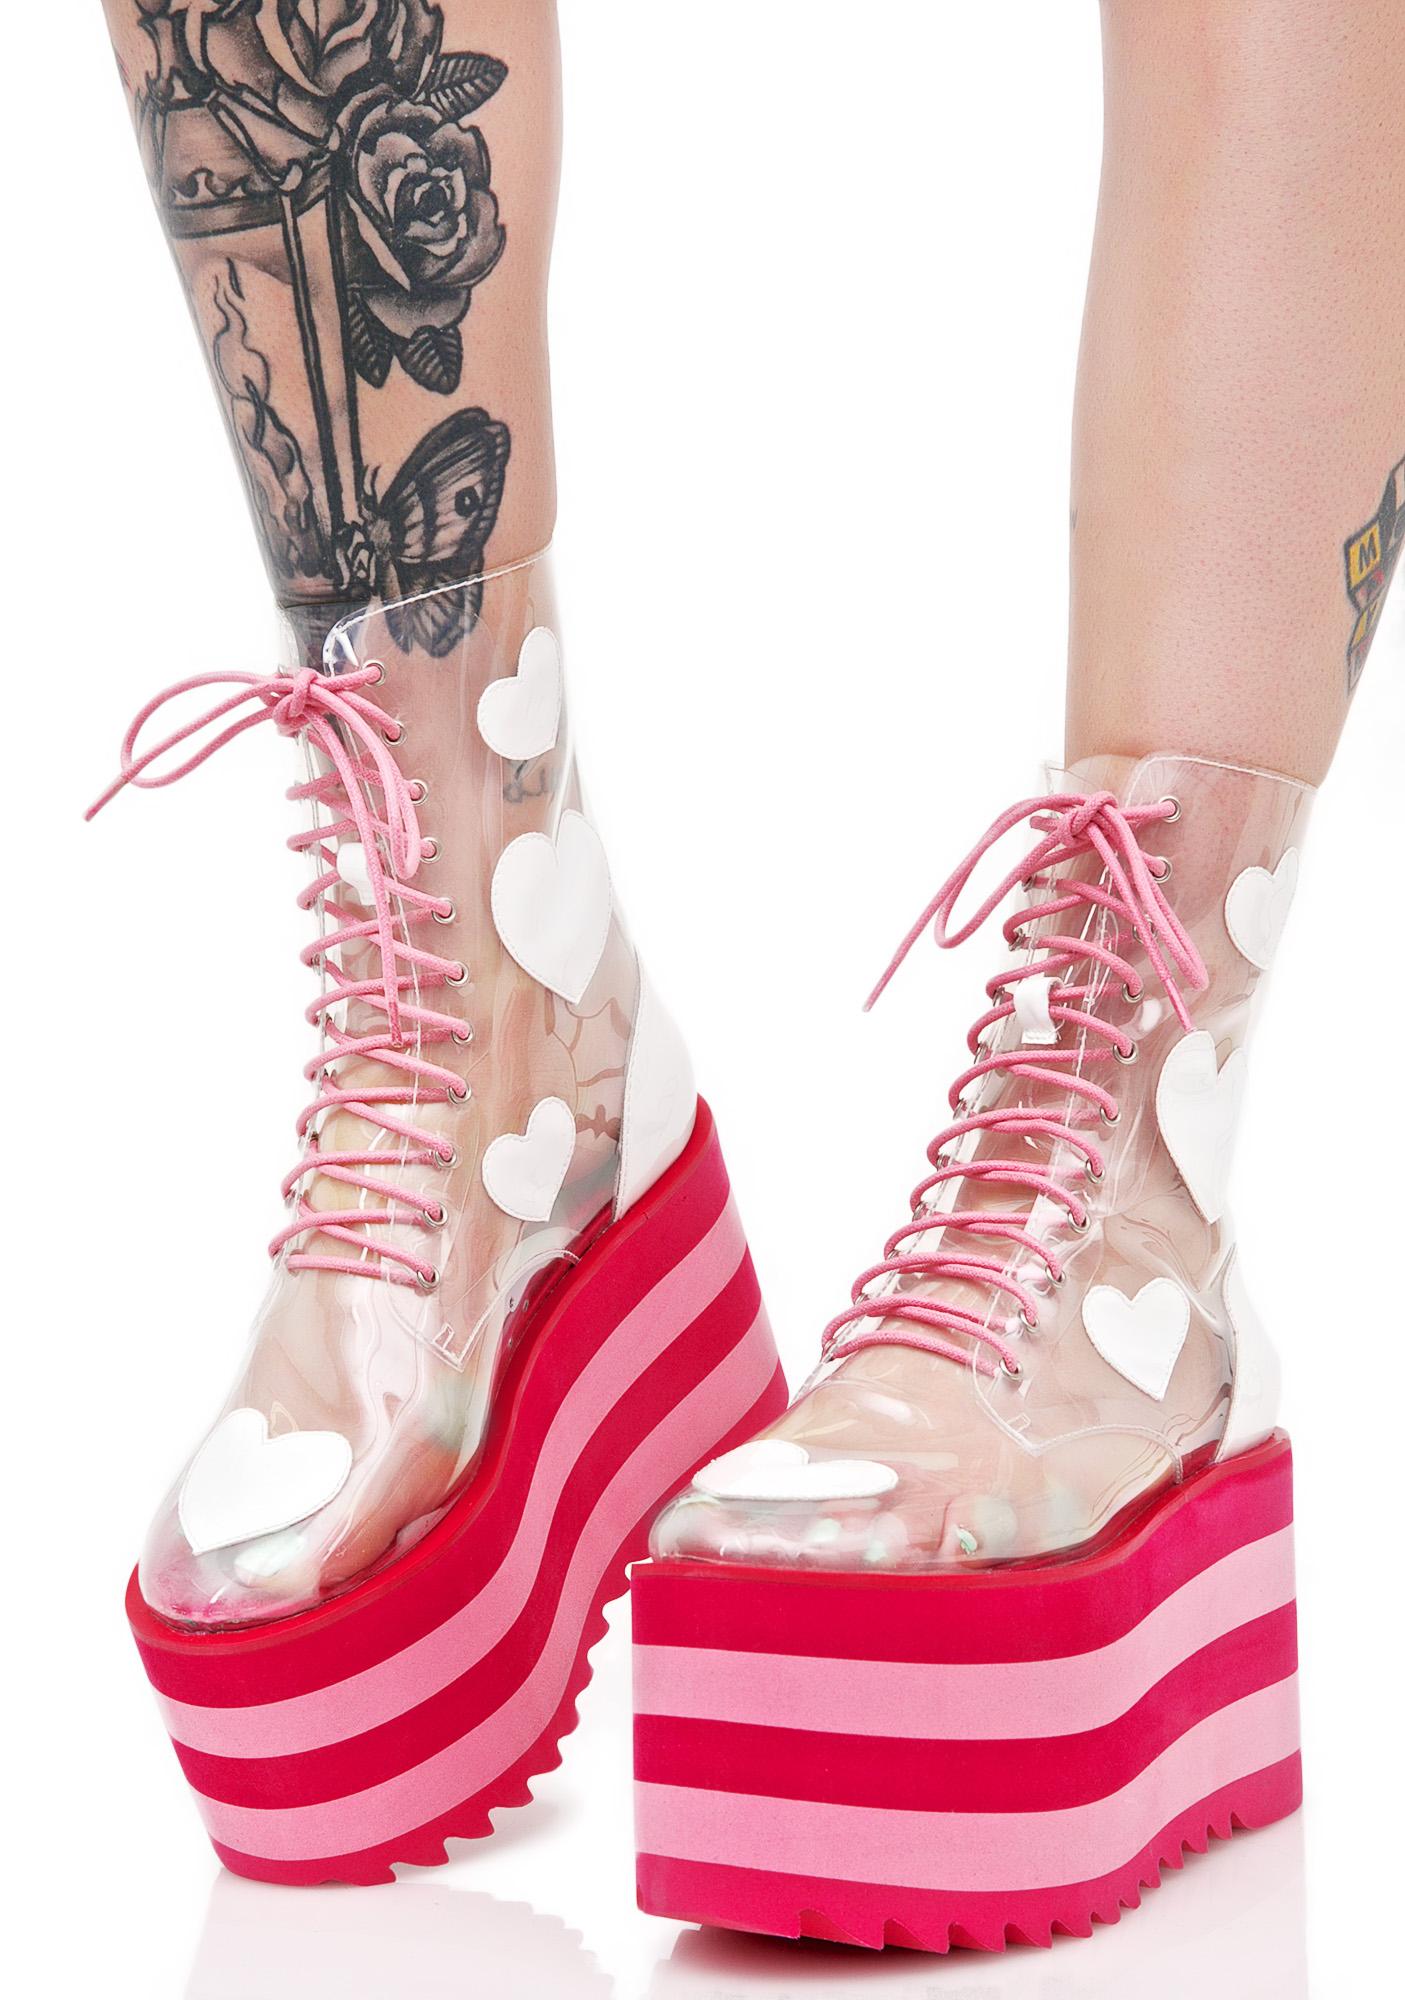 Sugar Thrillz Clear Platform Boots